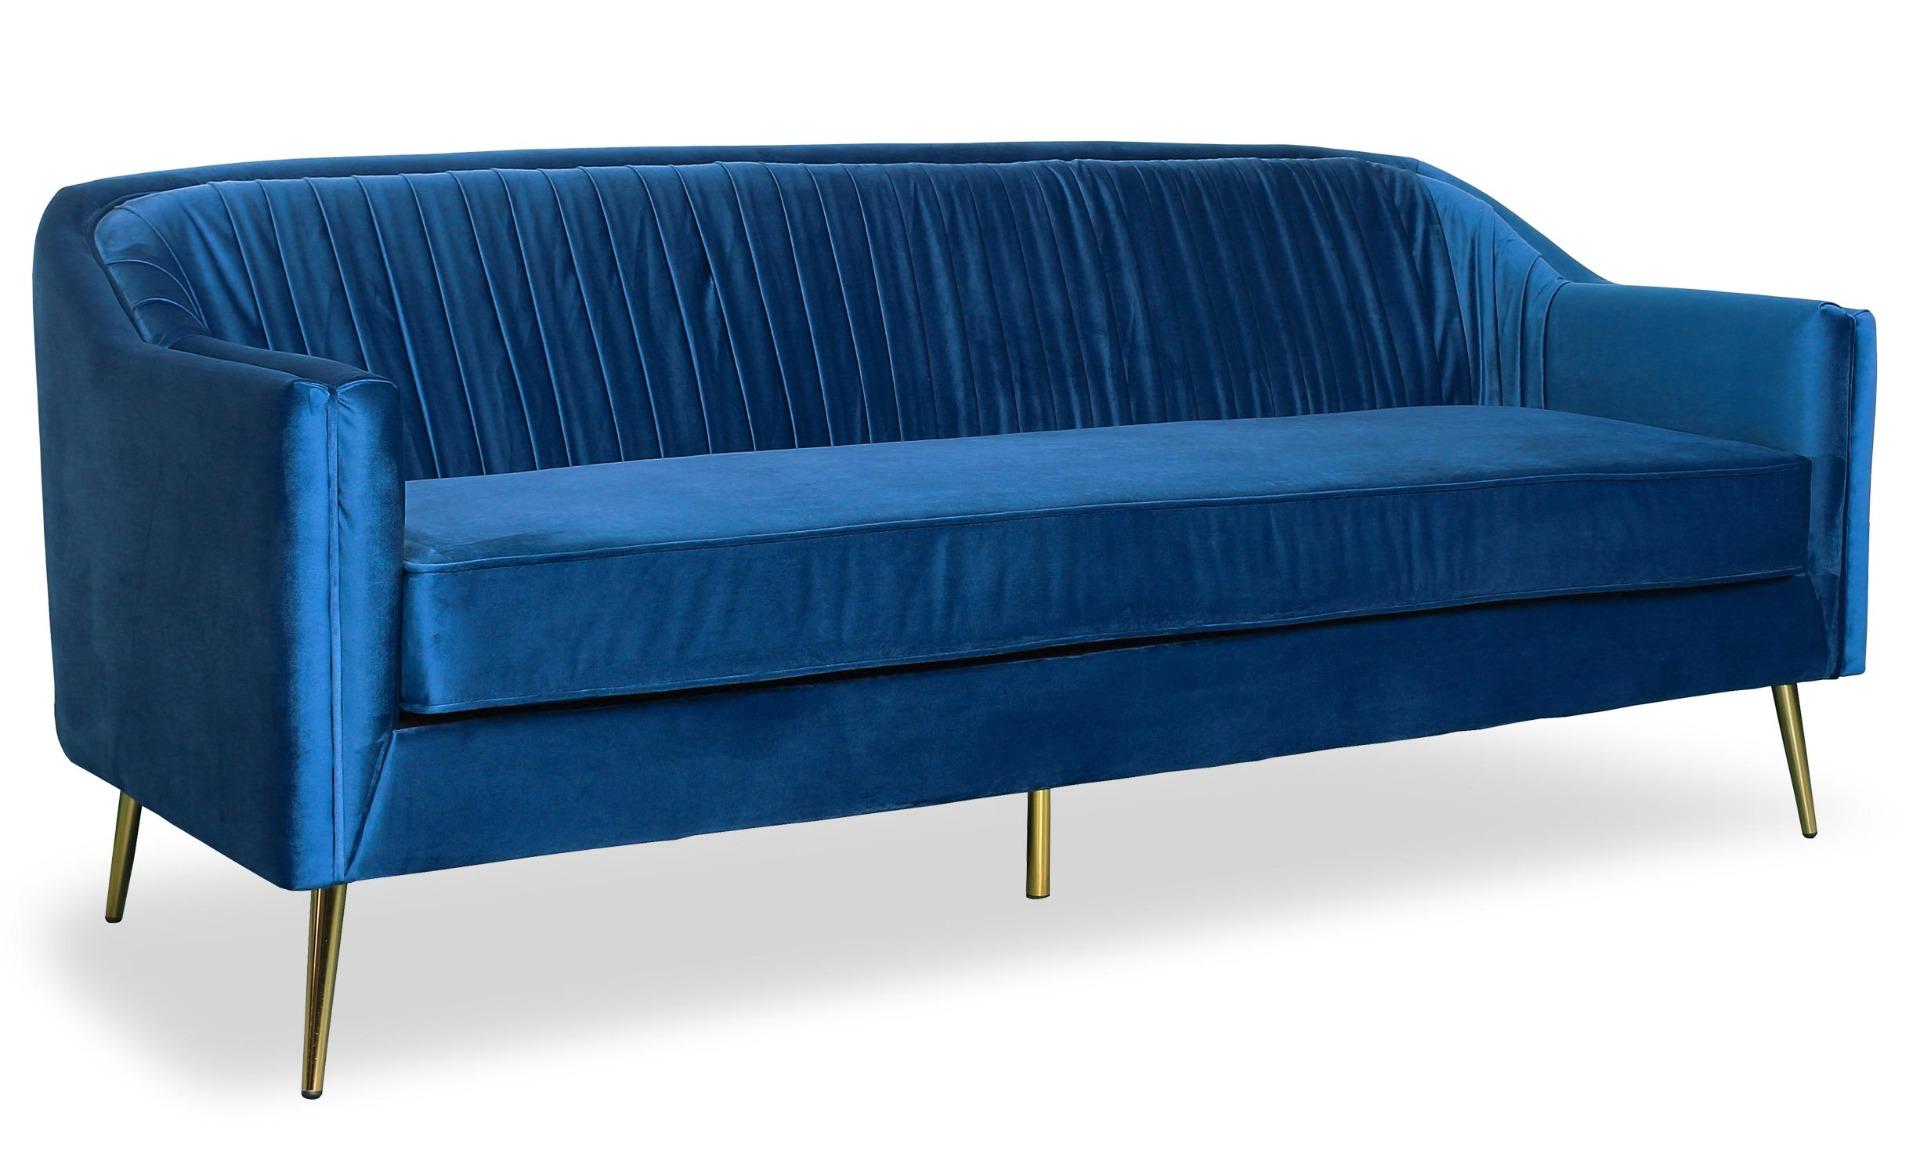 Canapé 3 Places Tela Velours Bleu Pied Or